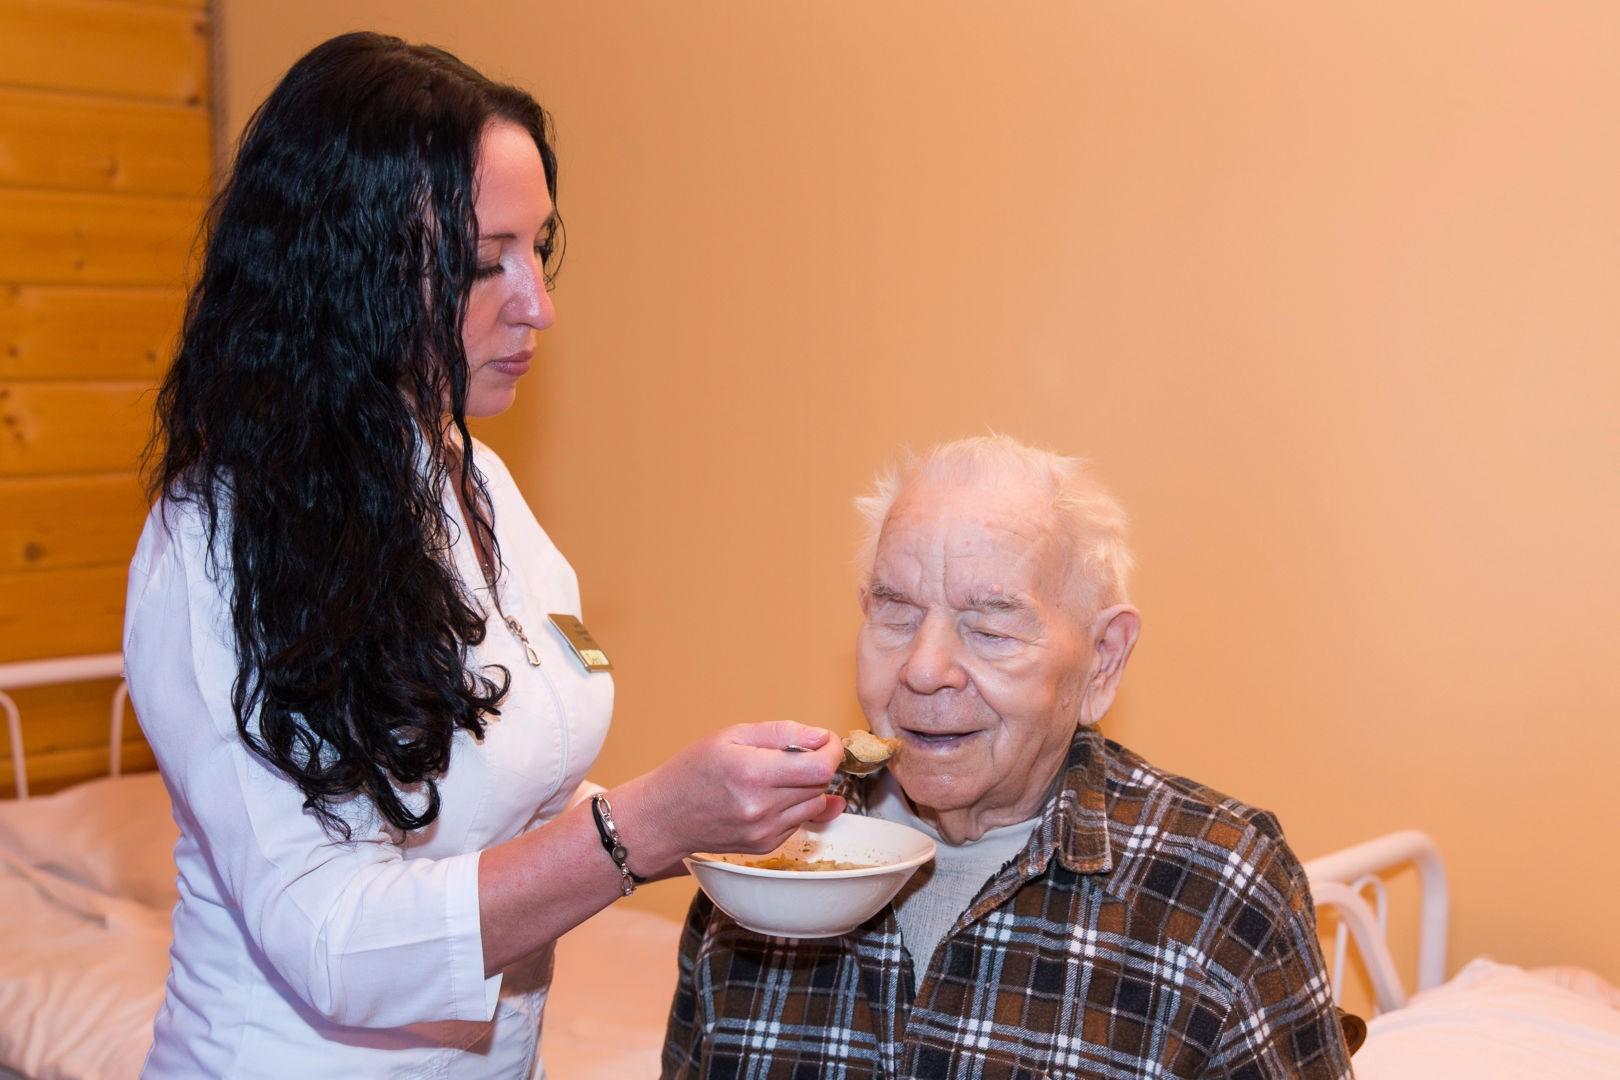 Сиделка кормит дедушку